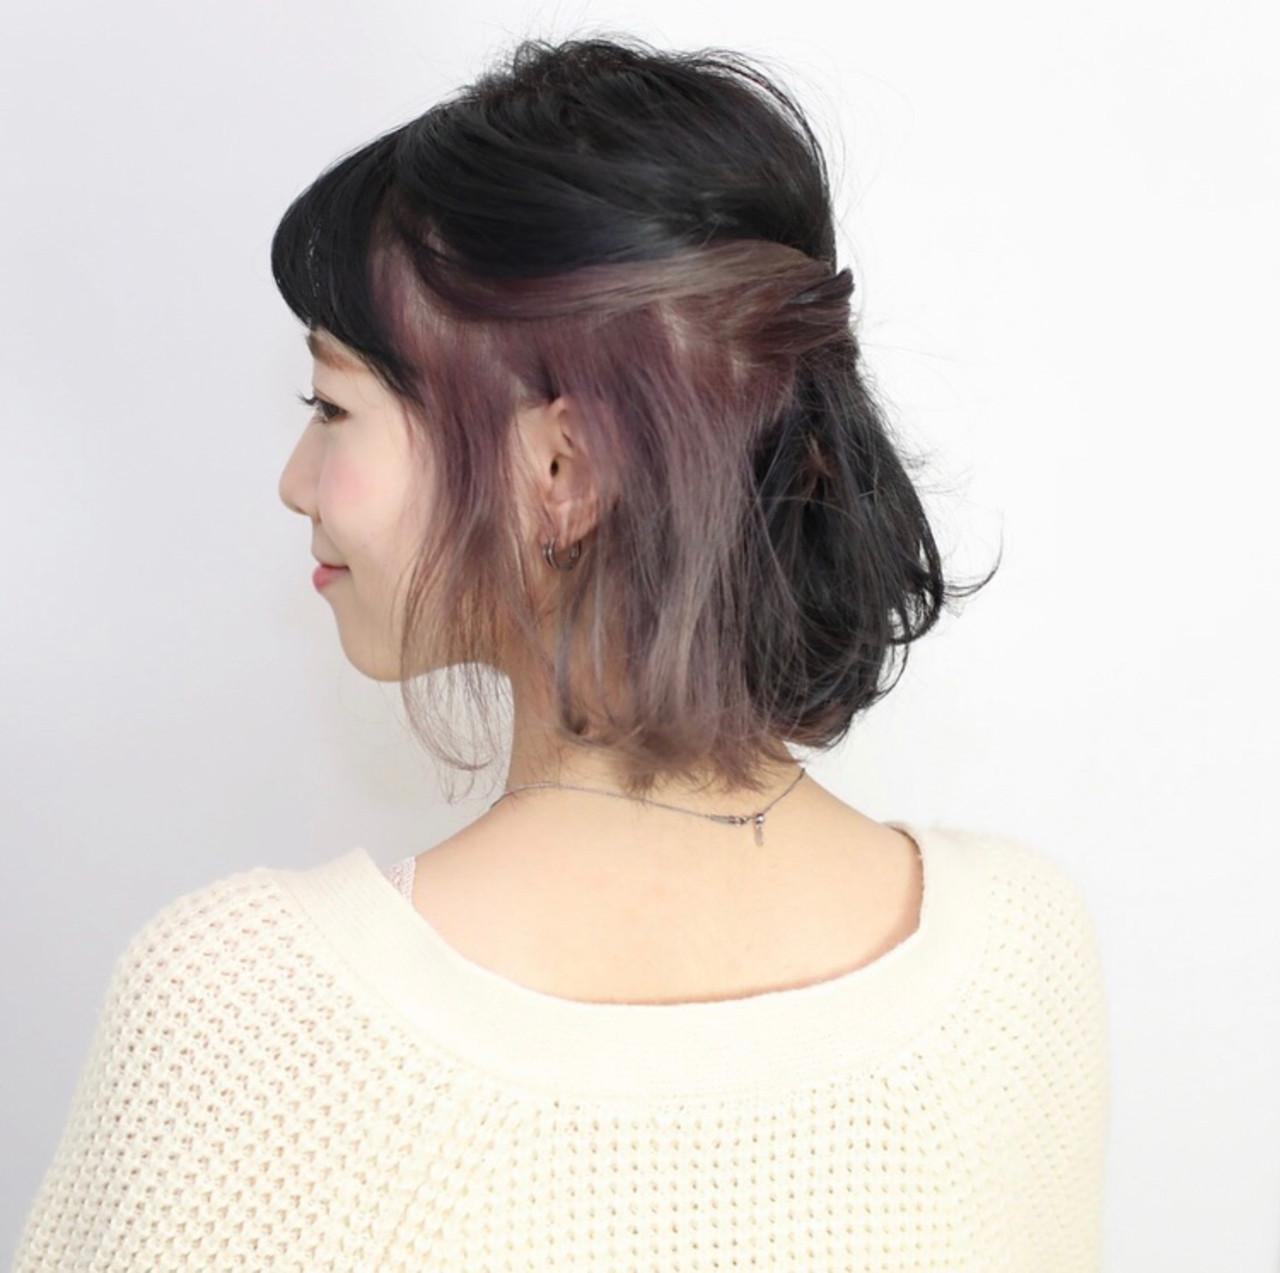 ナチュラル ハーフアップ ヘアアレンジ インナーカラー ヘアスタイルや髪型の写真・画像